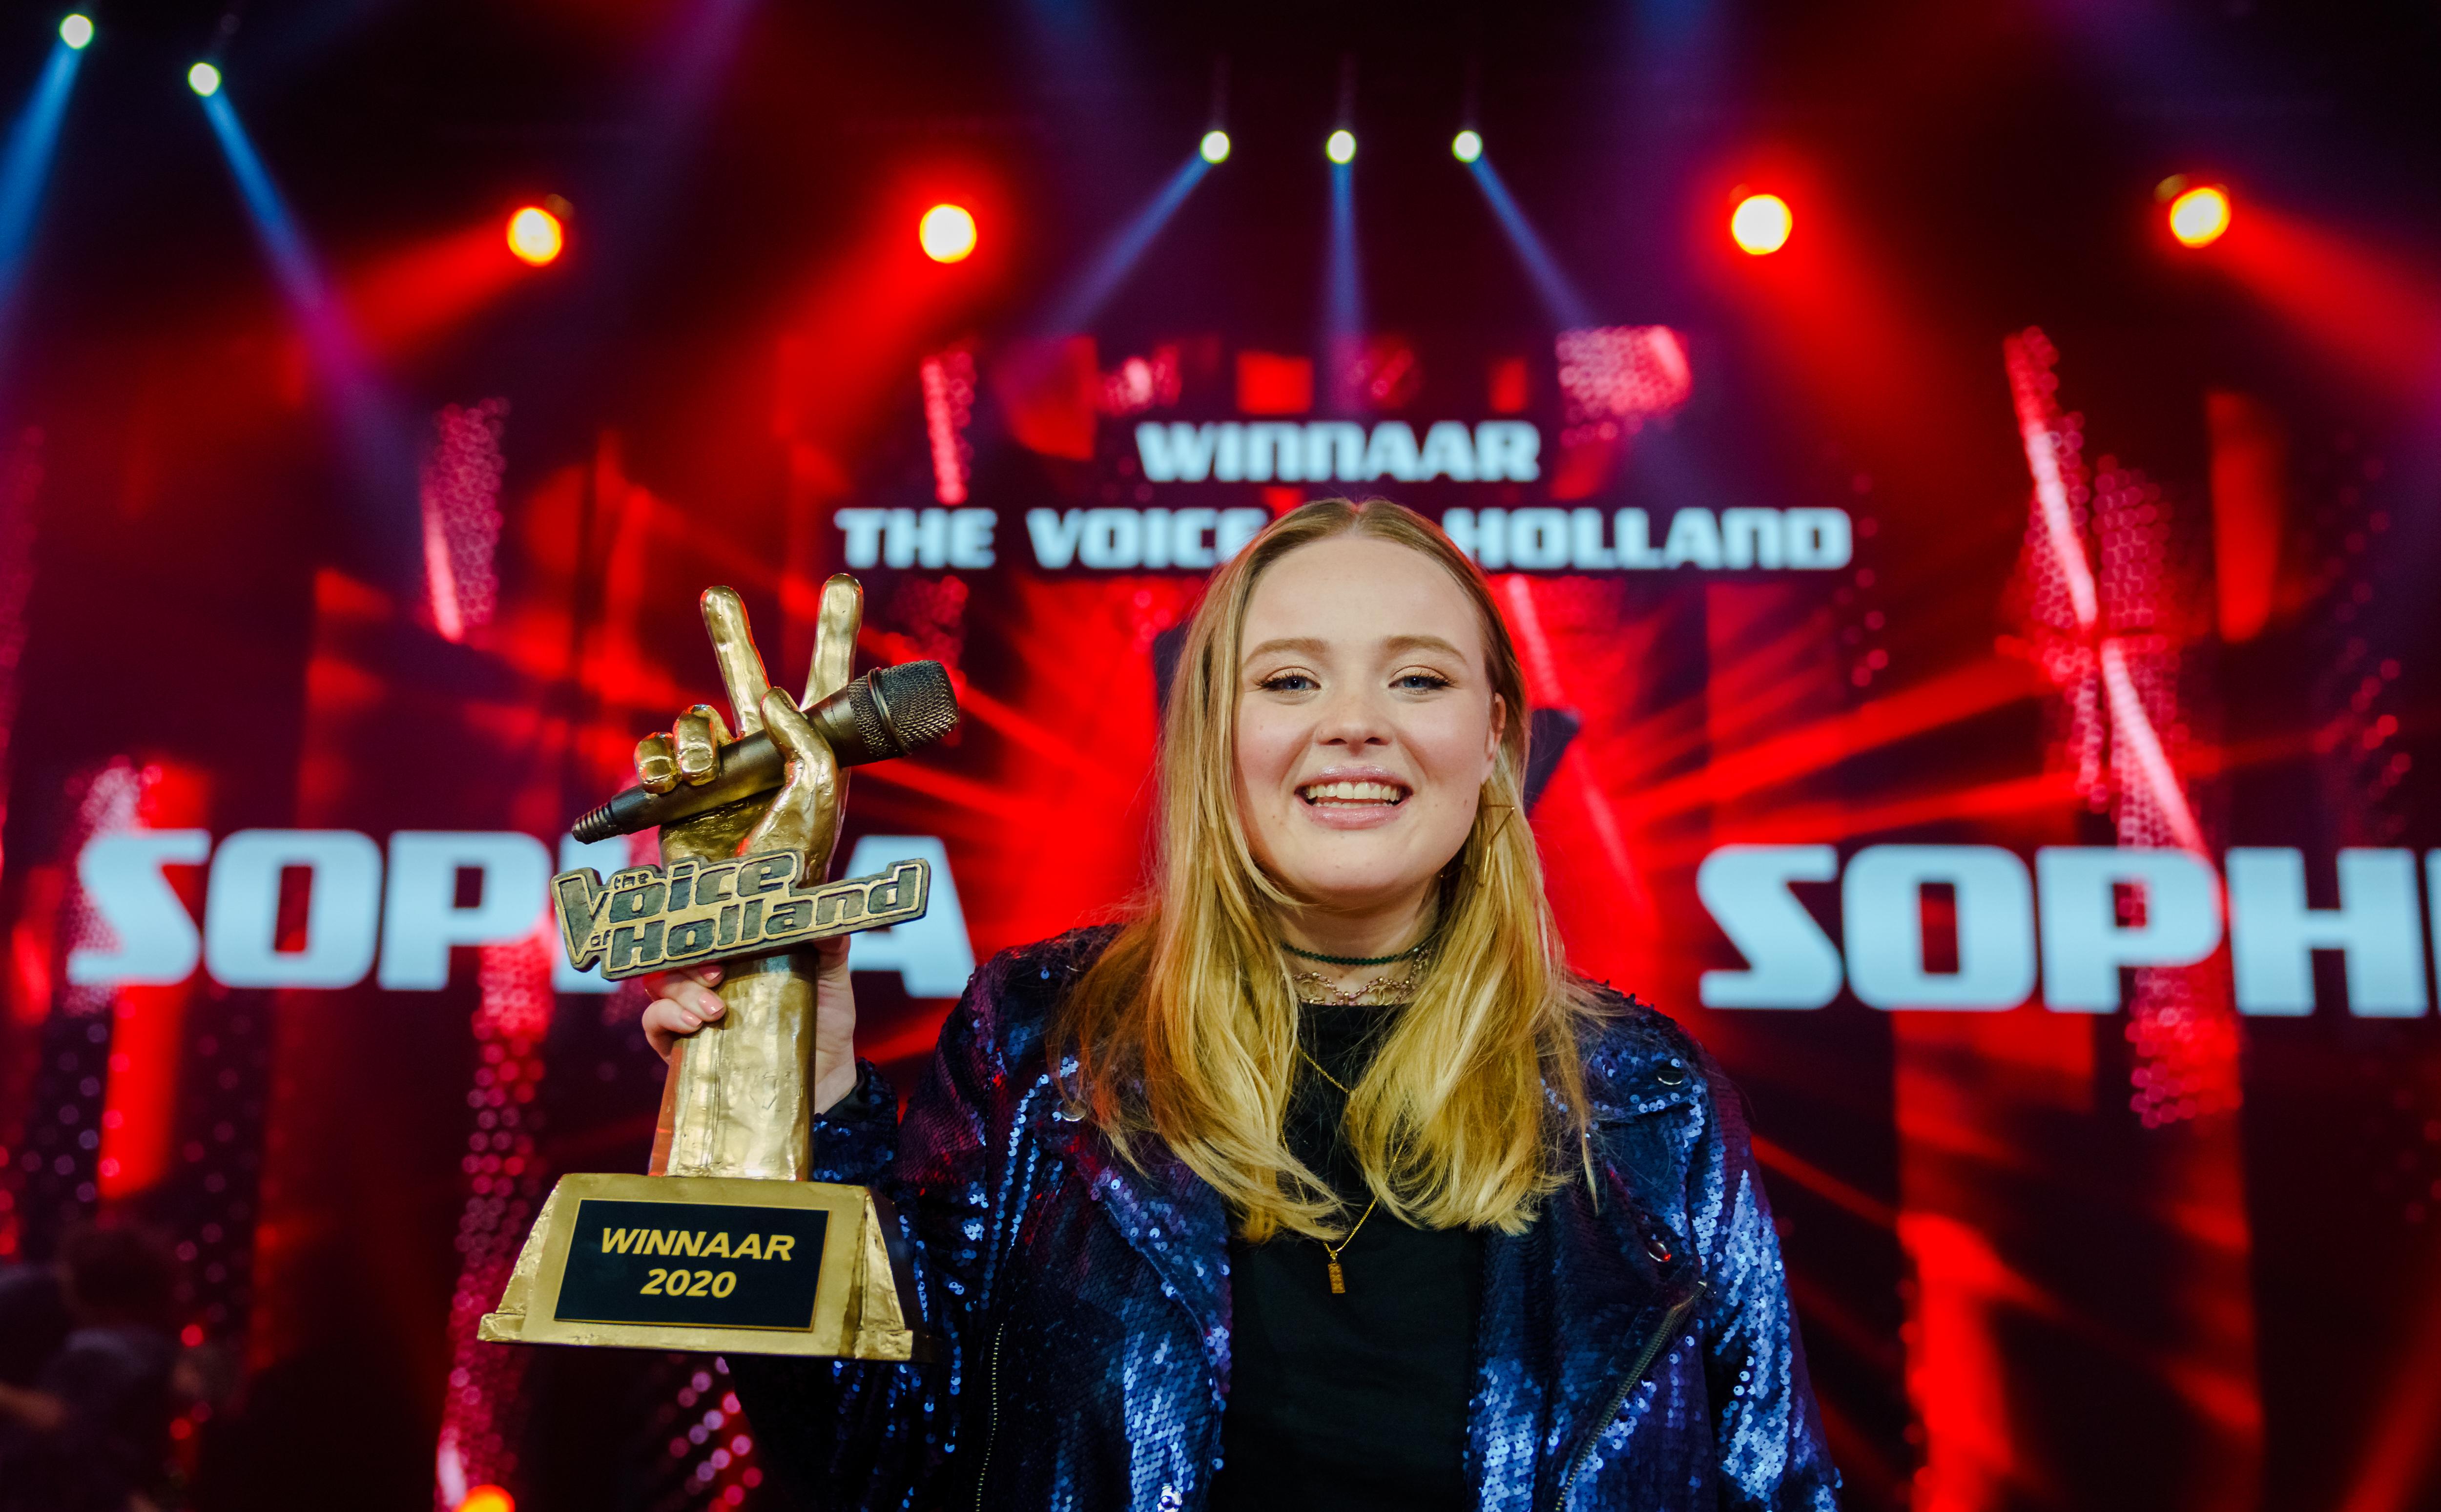 Een foto van Sophia met de cup van The Voice, gewonnen in het coronajaar